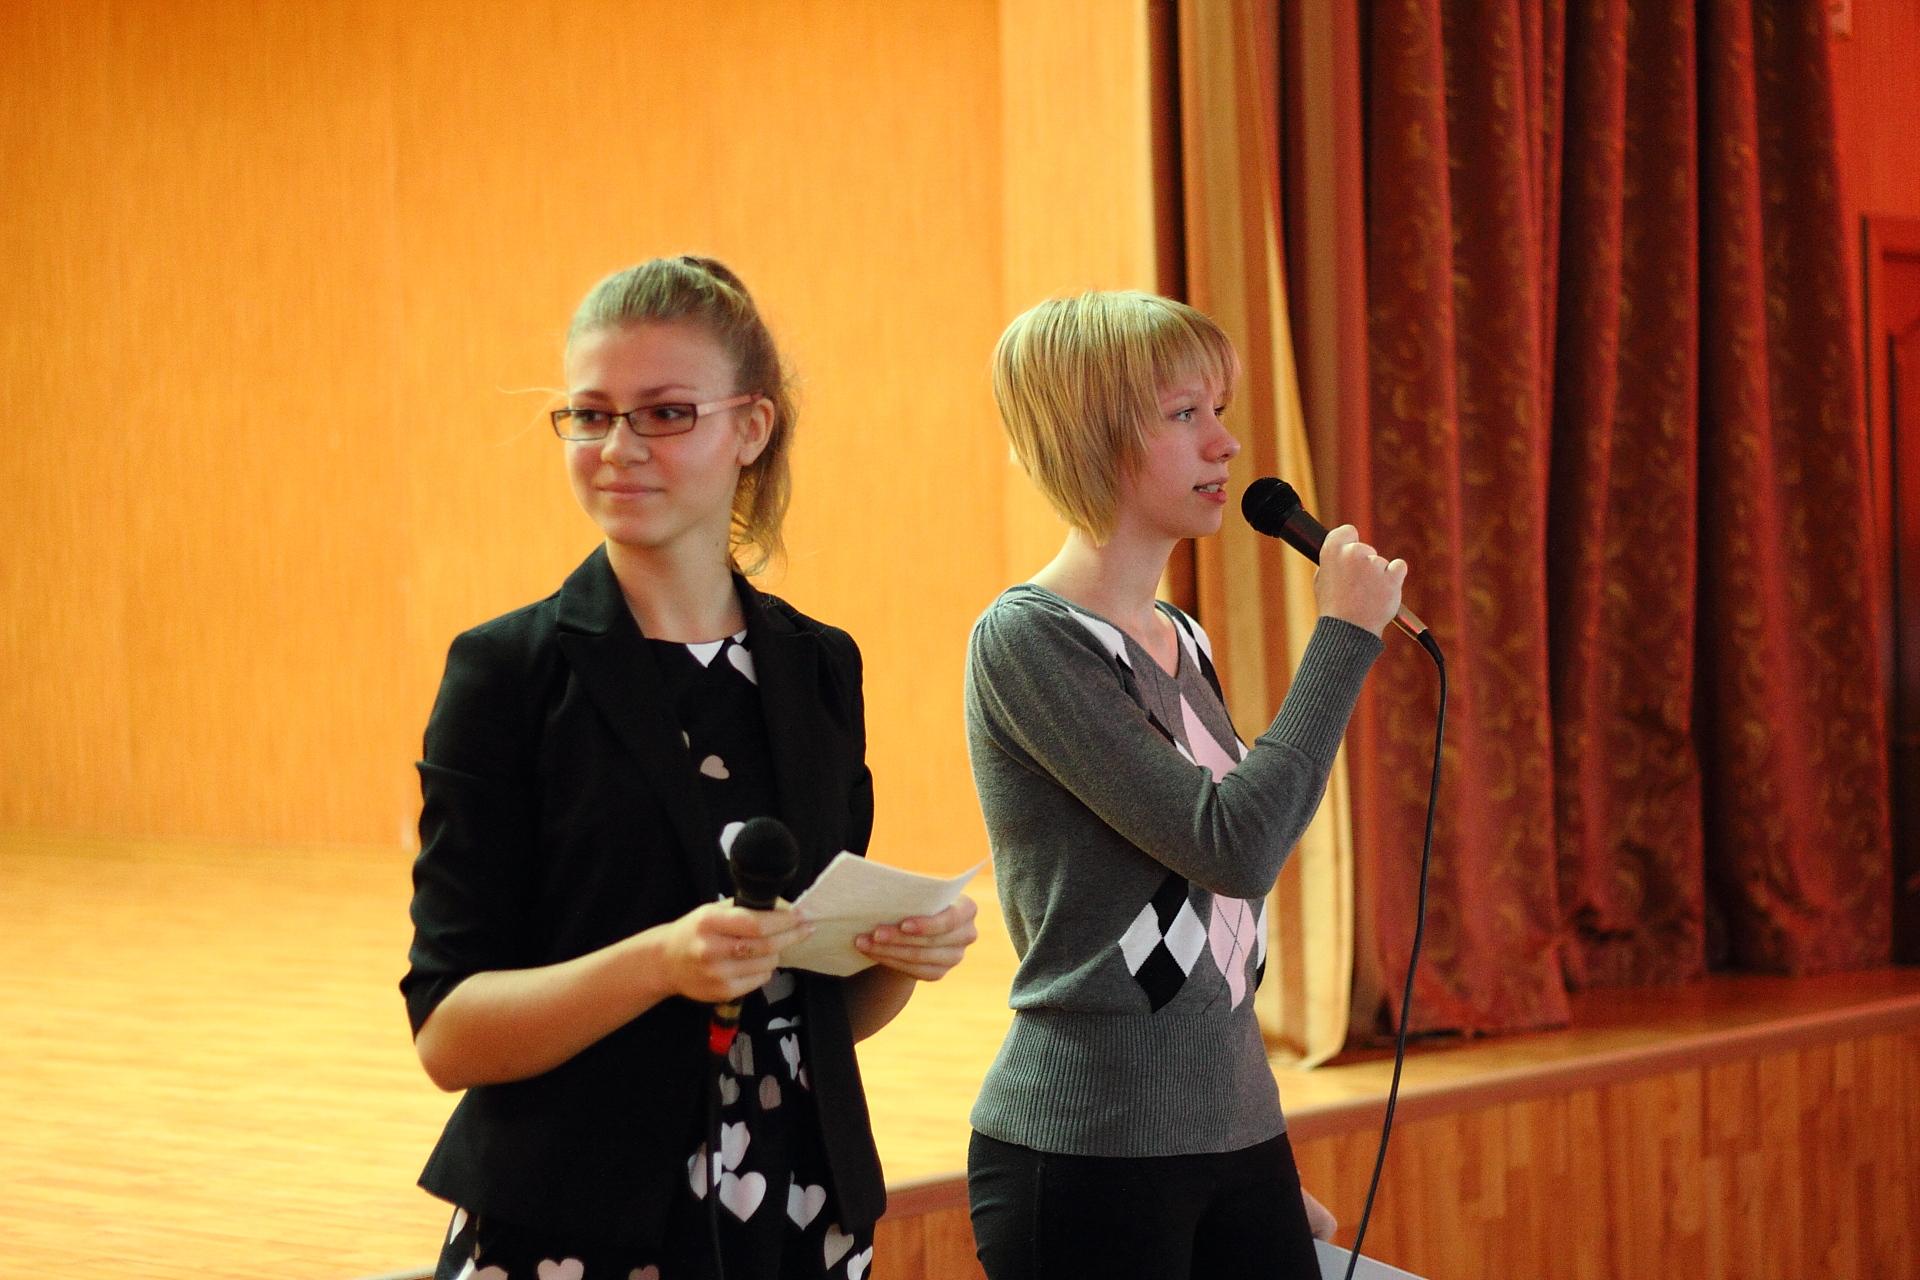 презентации для учащихся по здоровому образу жизни